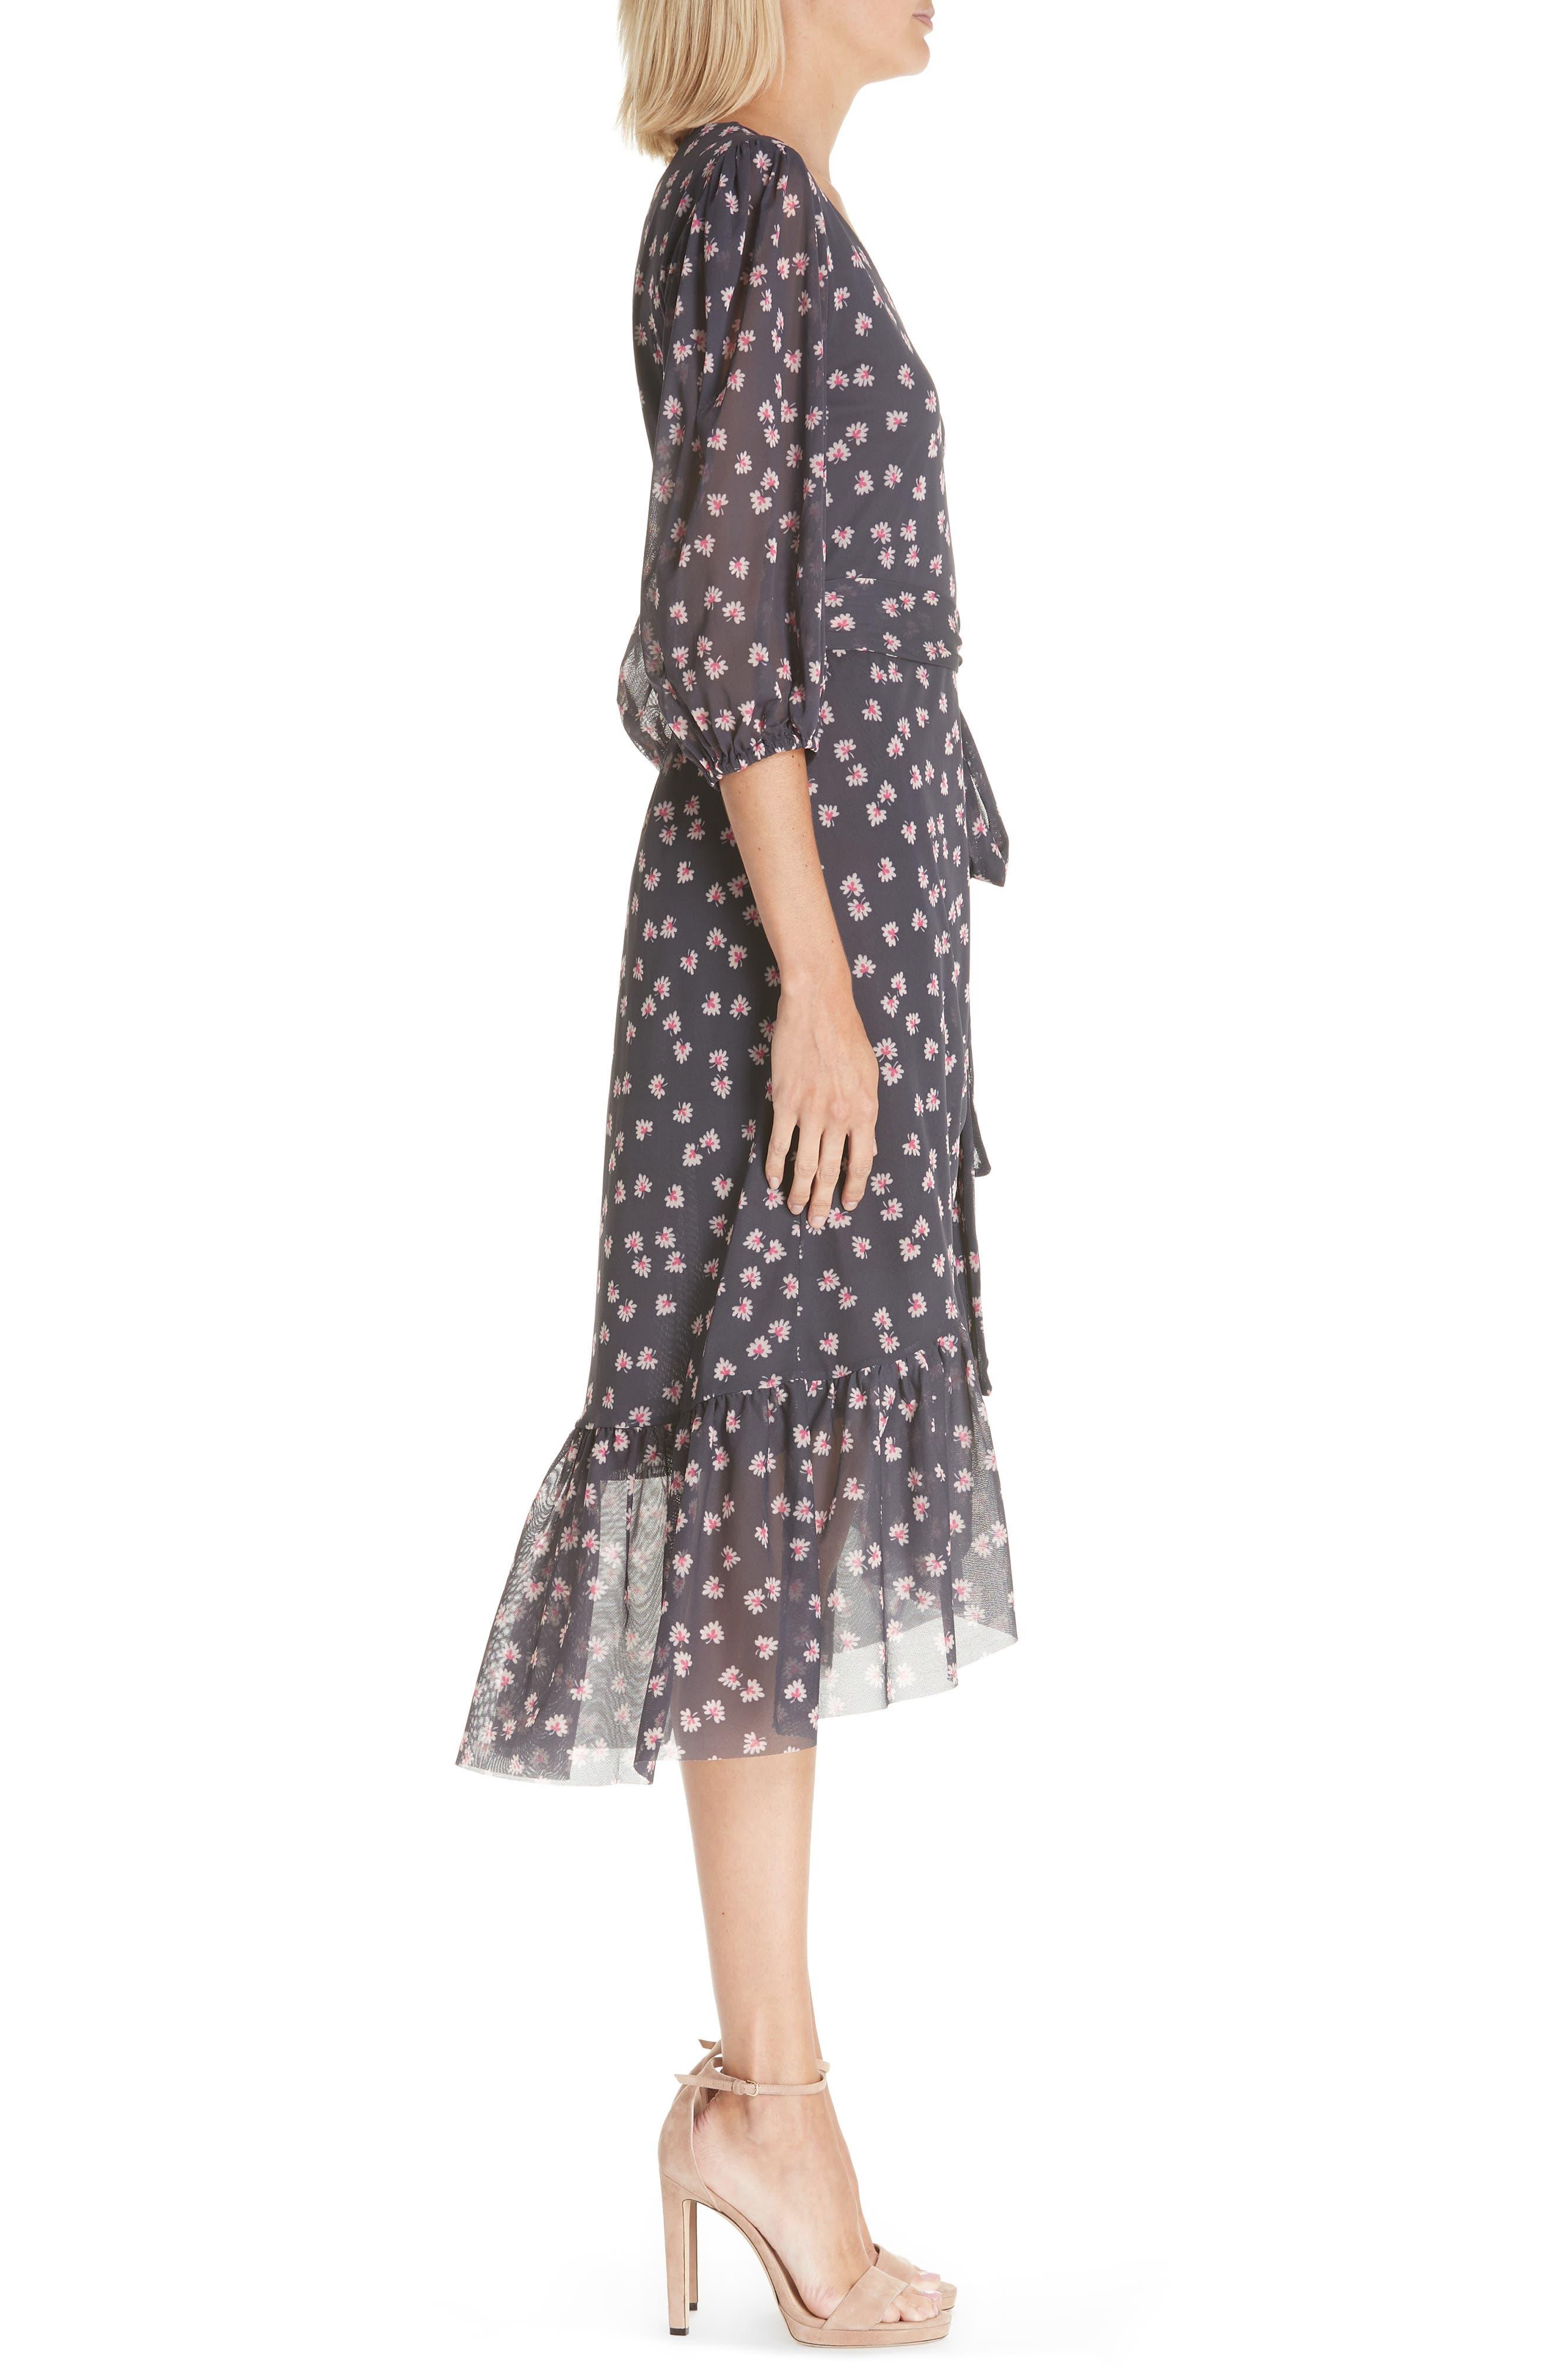 GANNI,                             Floral Print Wrap Dress,                             Alternate thumbnail 3, color,                             400